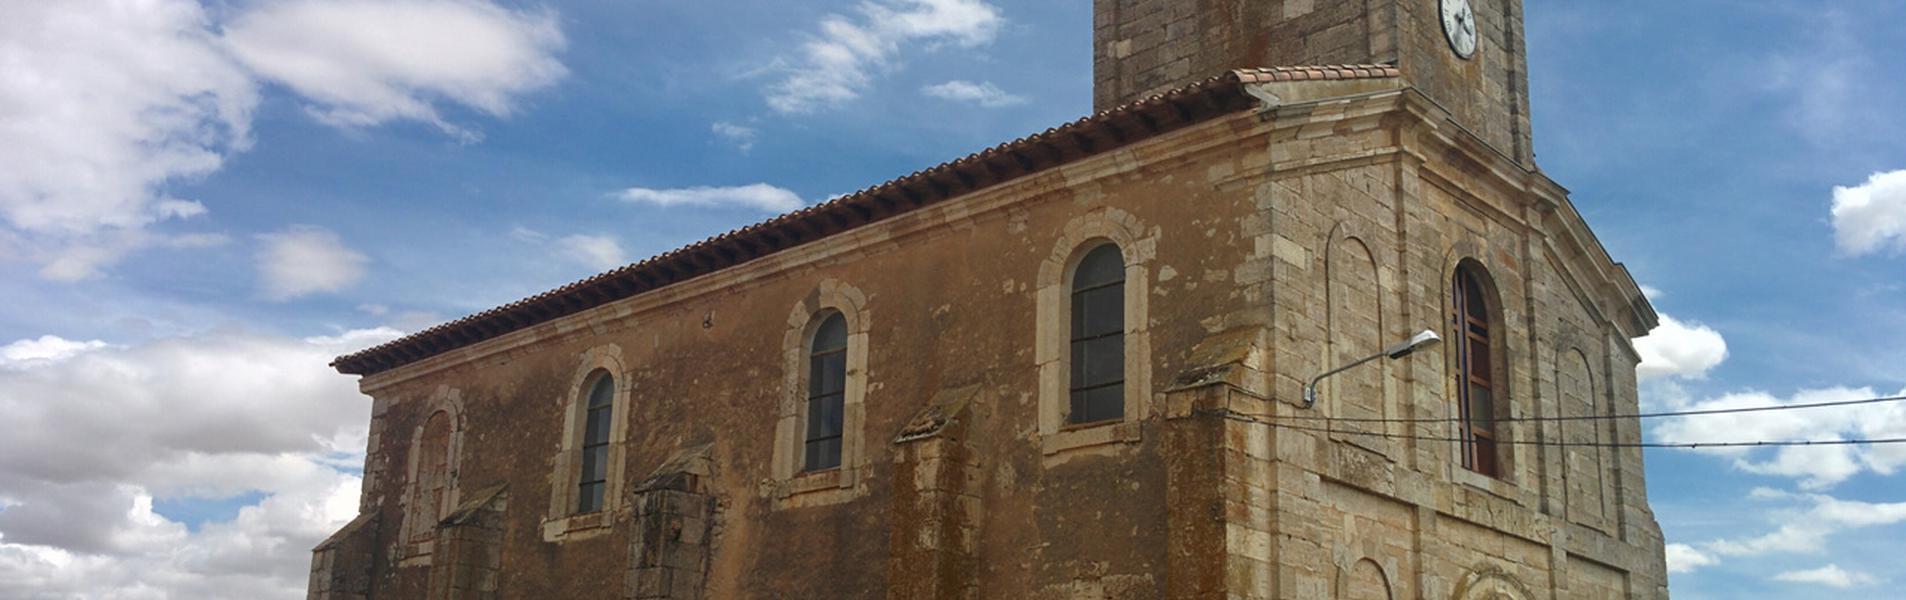 Palacios de Riopisuerga